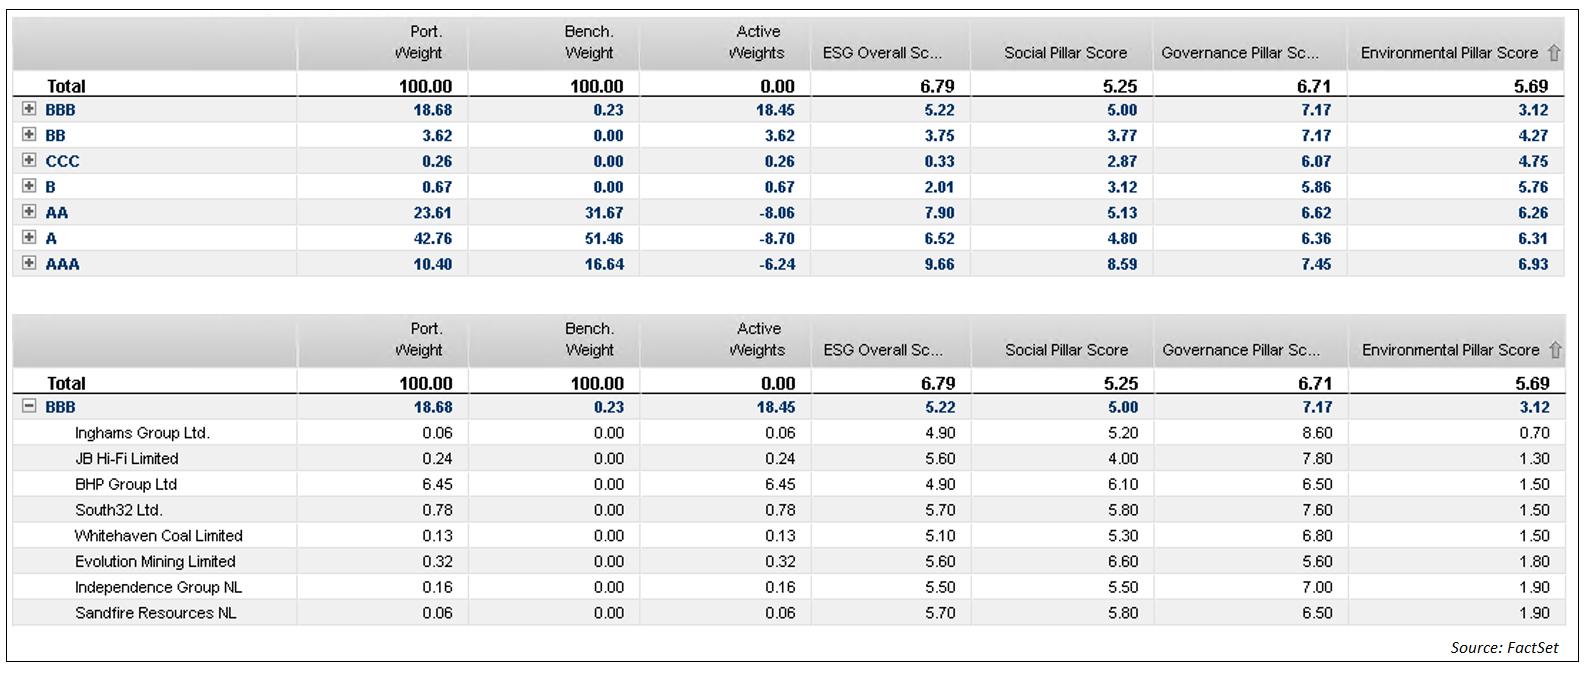 MSCI ESG Overall Rating breakdown